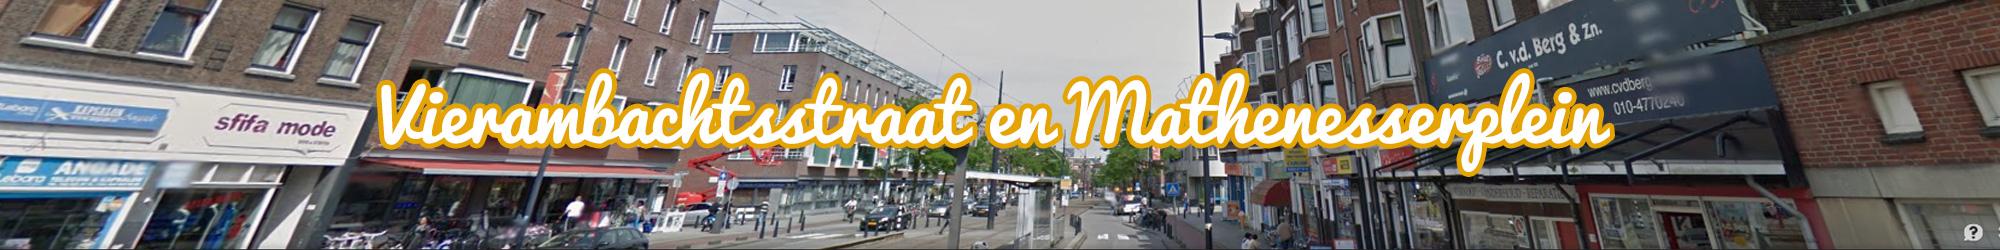 Vierambachtsstraat - Winkelen in Delfshaven